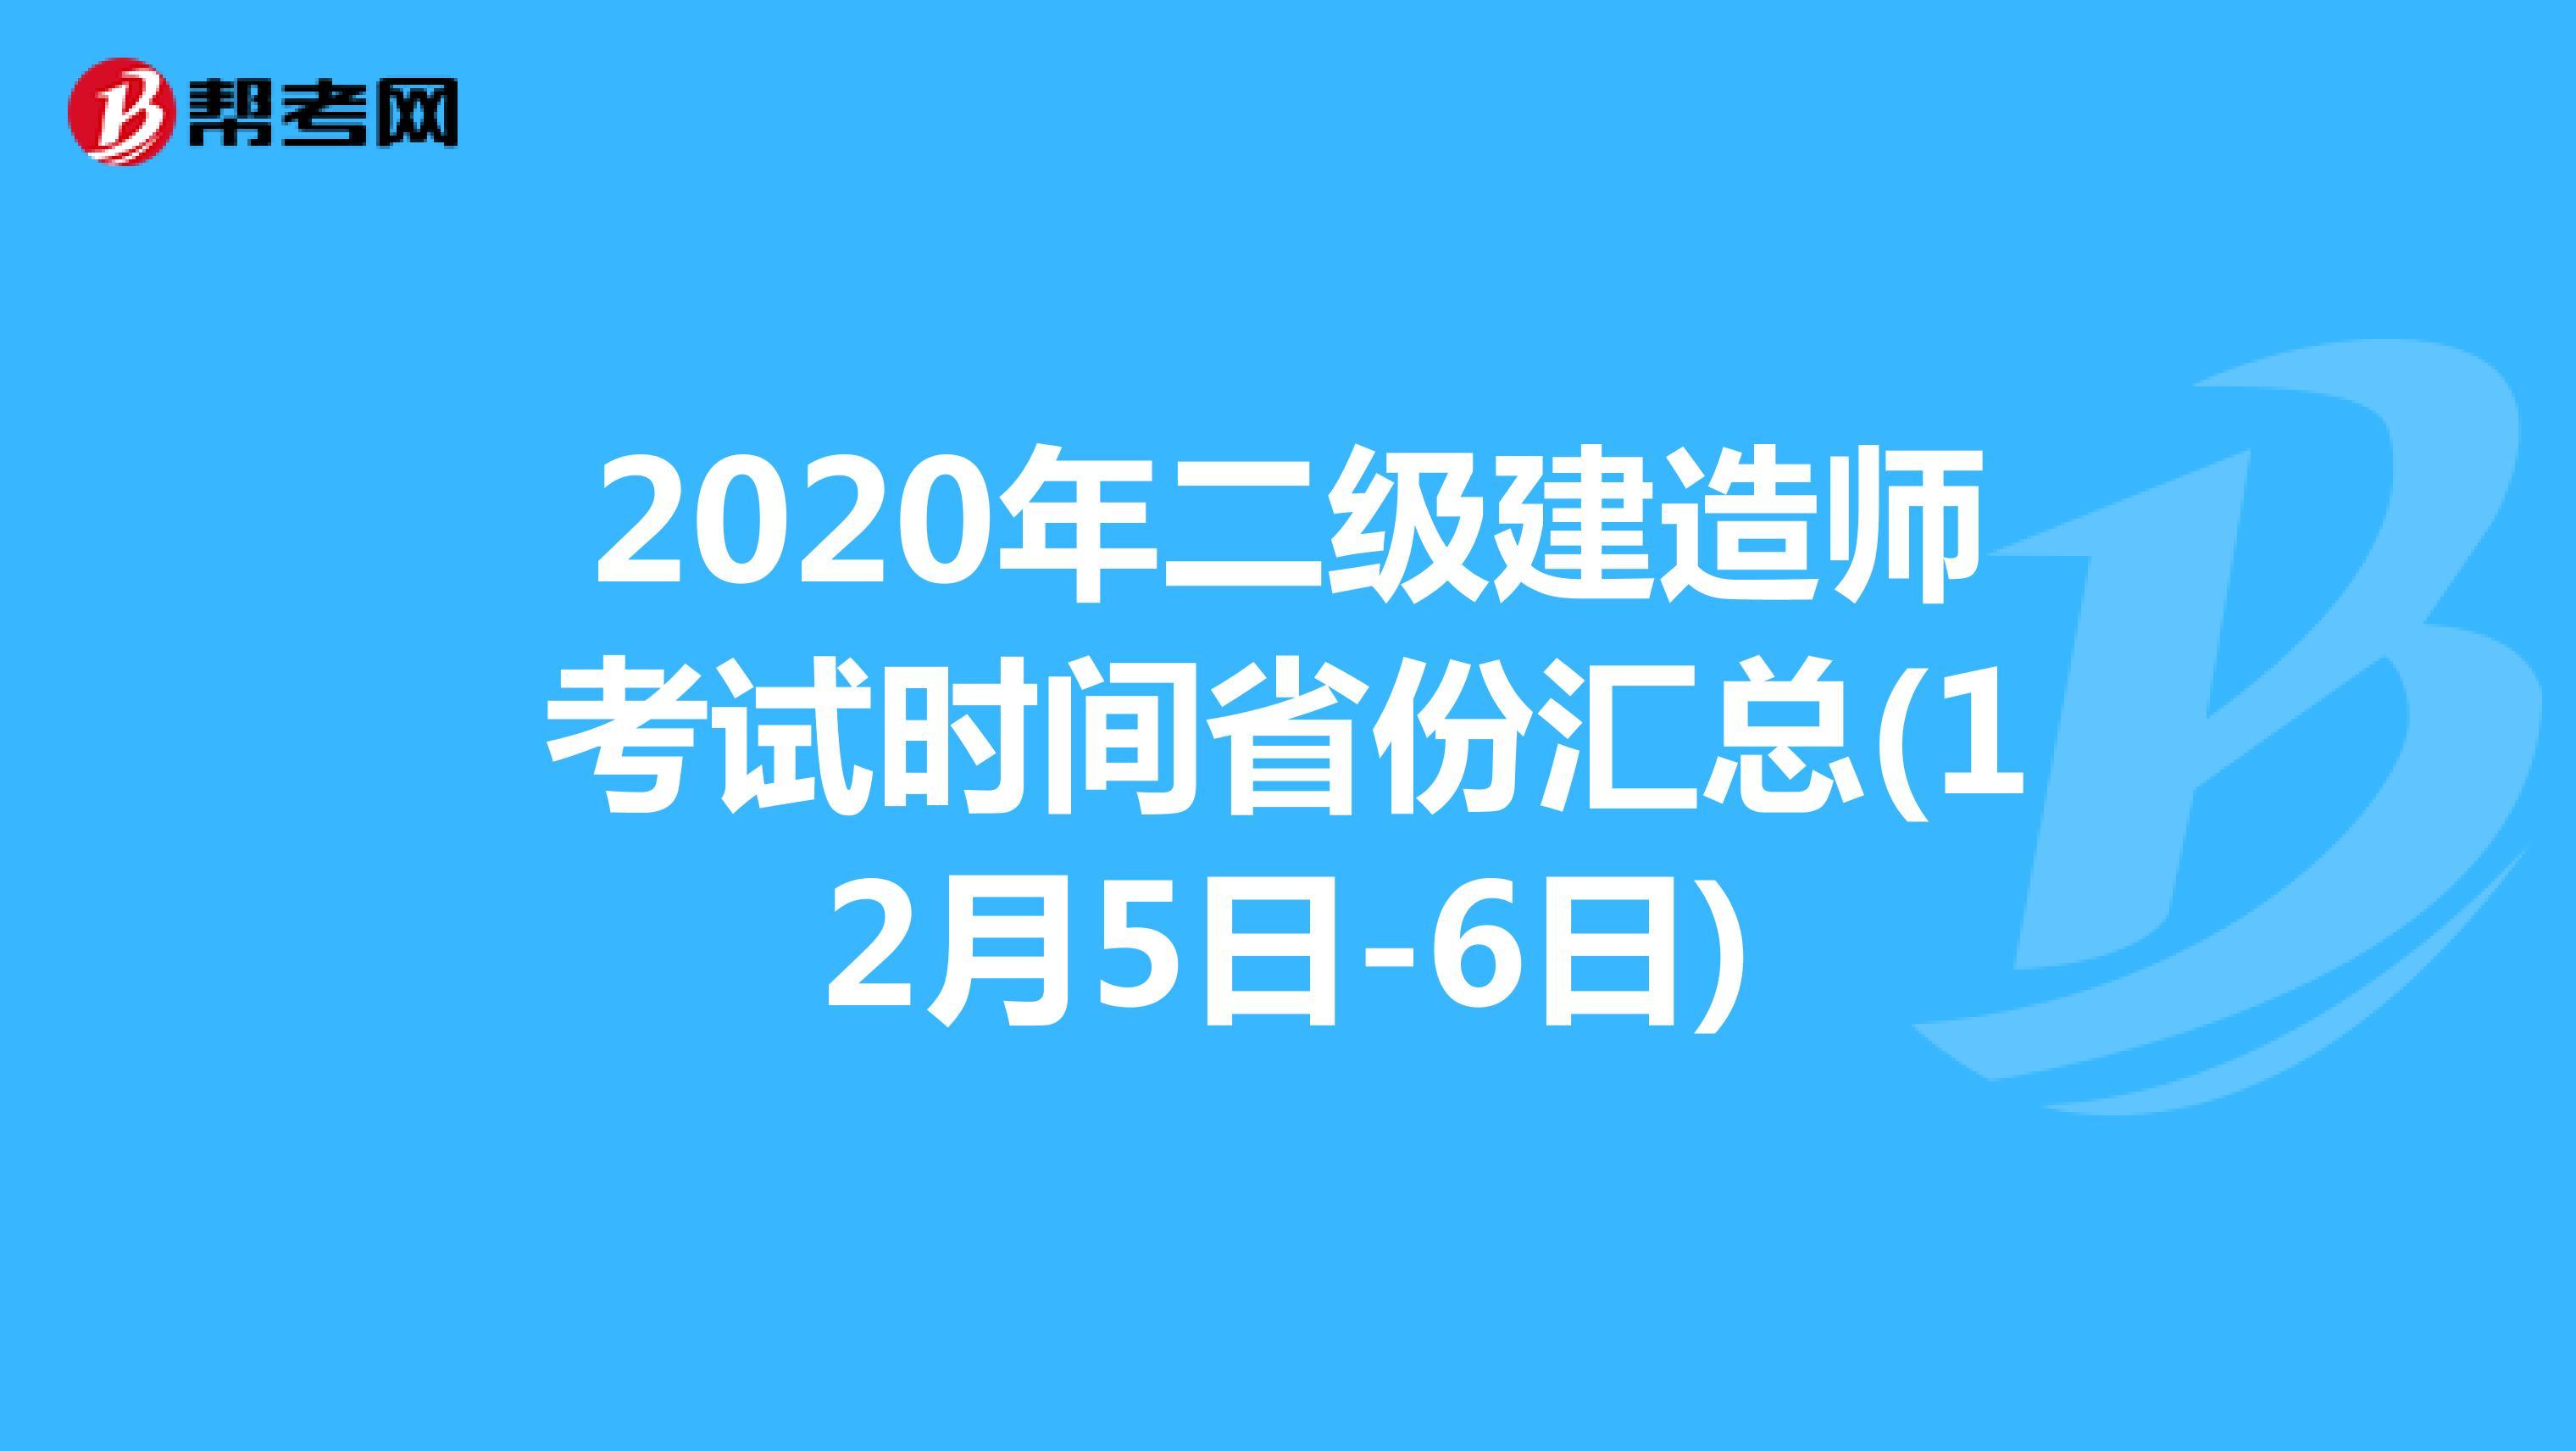 2020年竞技首页雷火时间省份汇总(12月5日-6日)